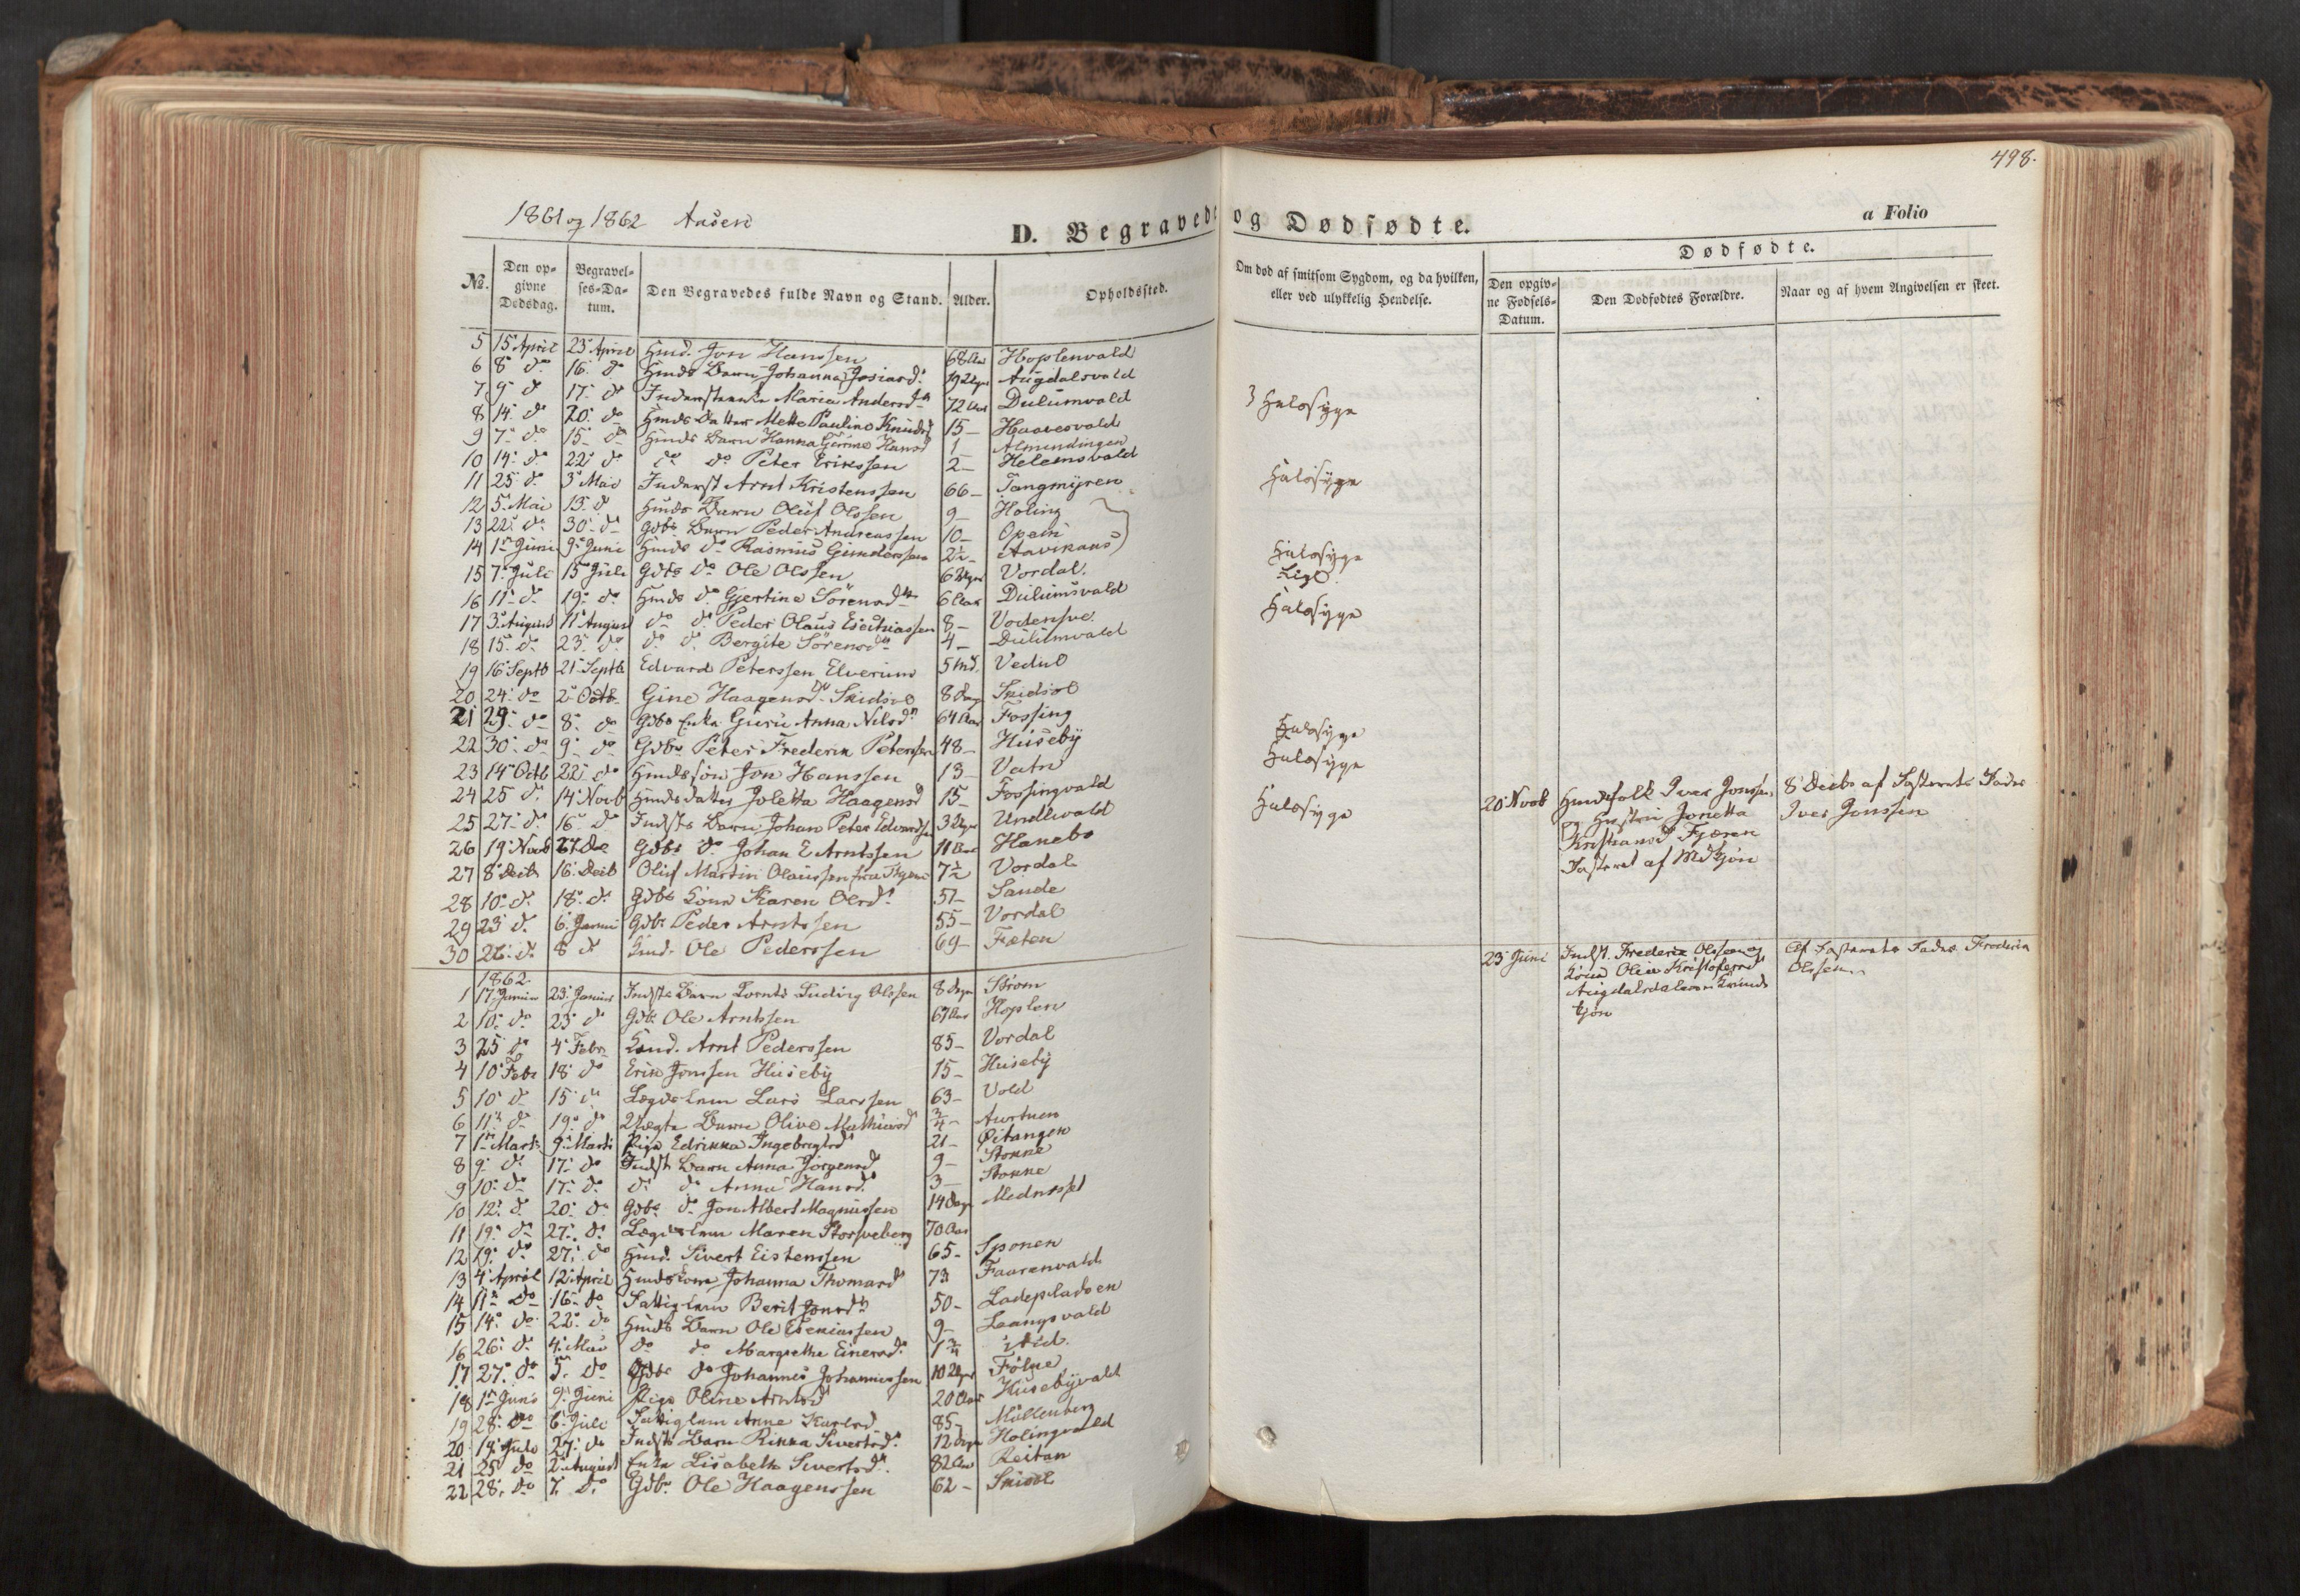 SAT, Ministerialprotokoller, klokkerbøker og fødselsregistre - Nord-Trøndelag, 713/L0116: Ministerialbok nr. 713A07, 1850-1877, s. 498